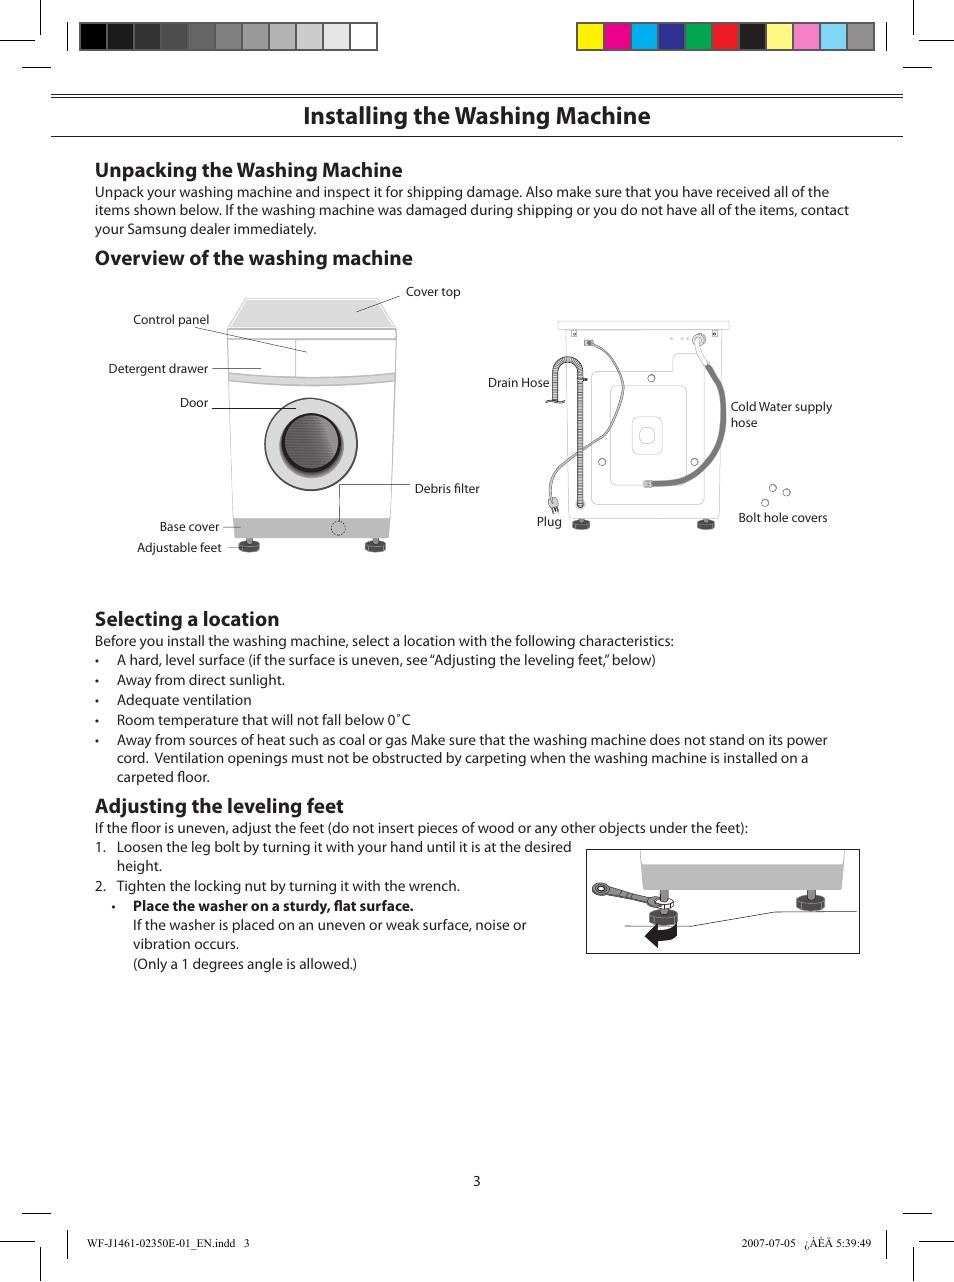 инструкция по пользованию стиральной машины самсунг wf-b1061